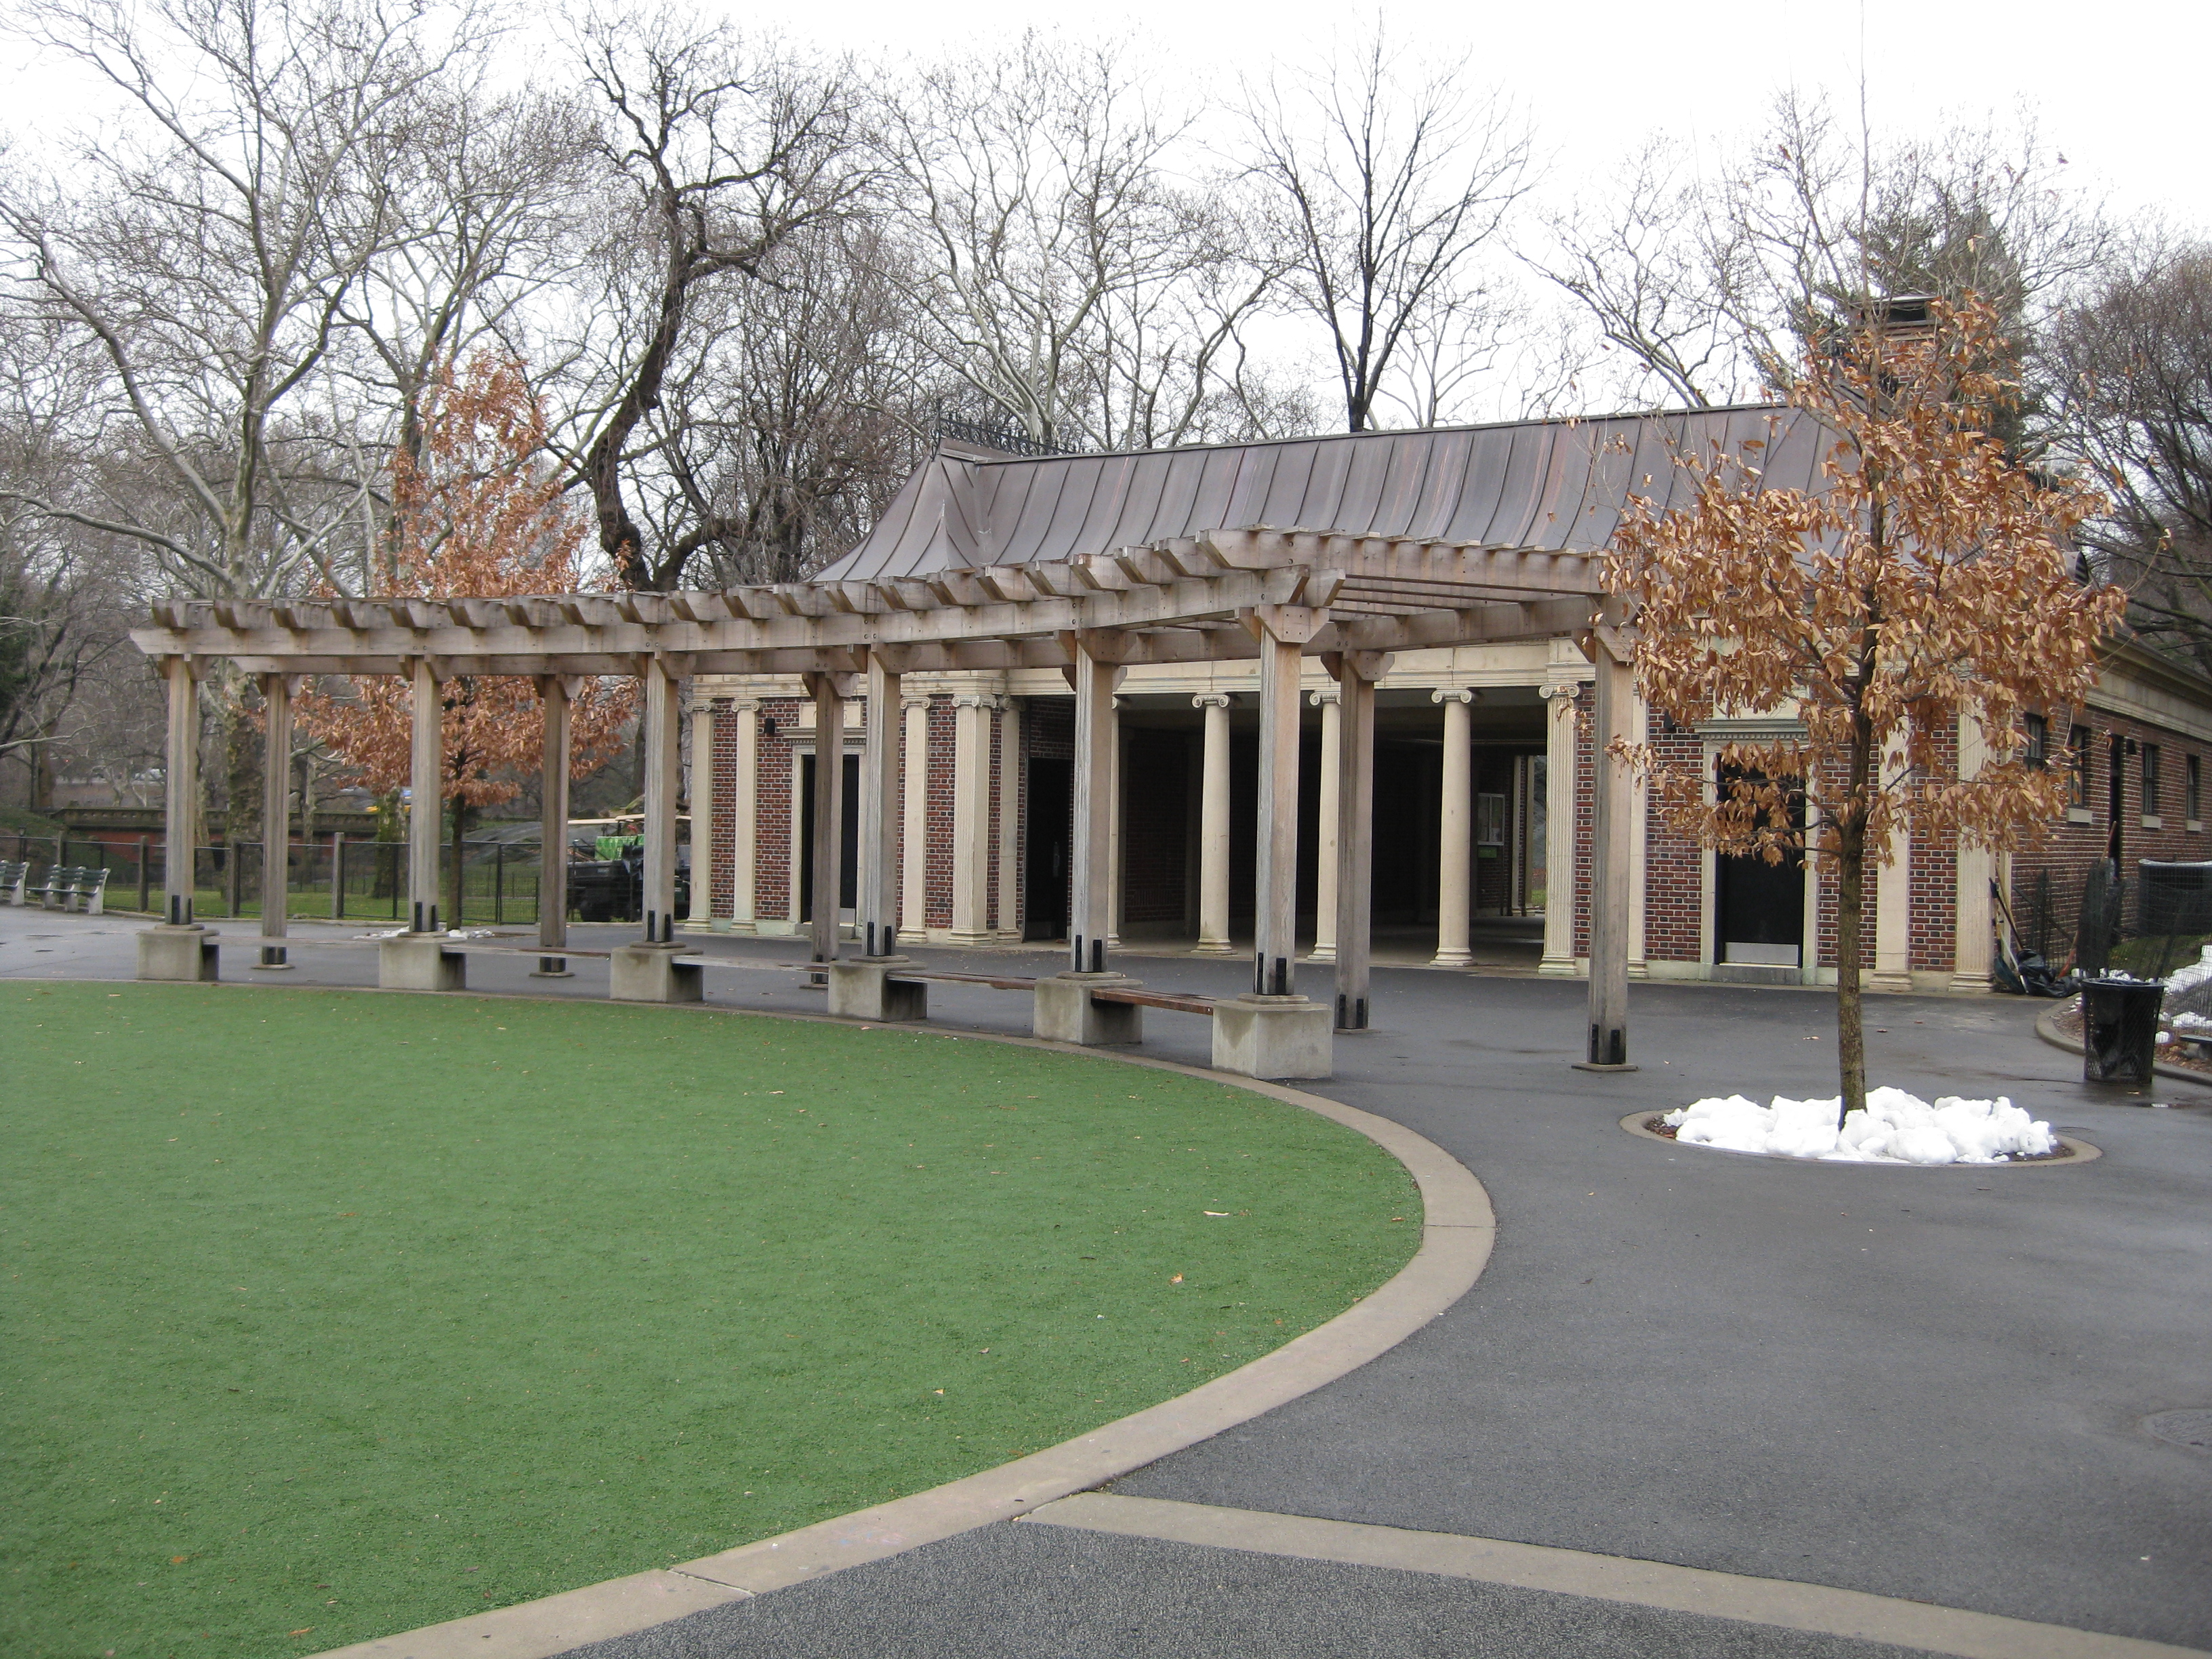 Mera Central Park